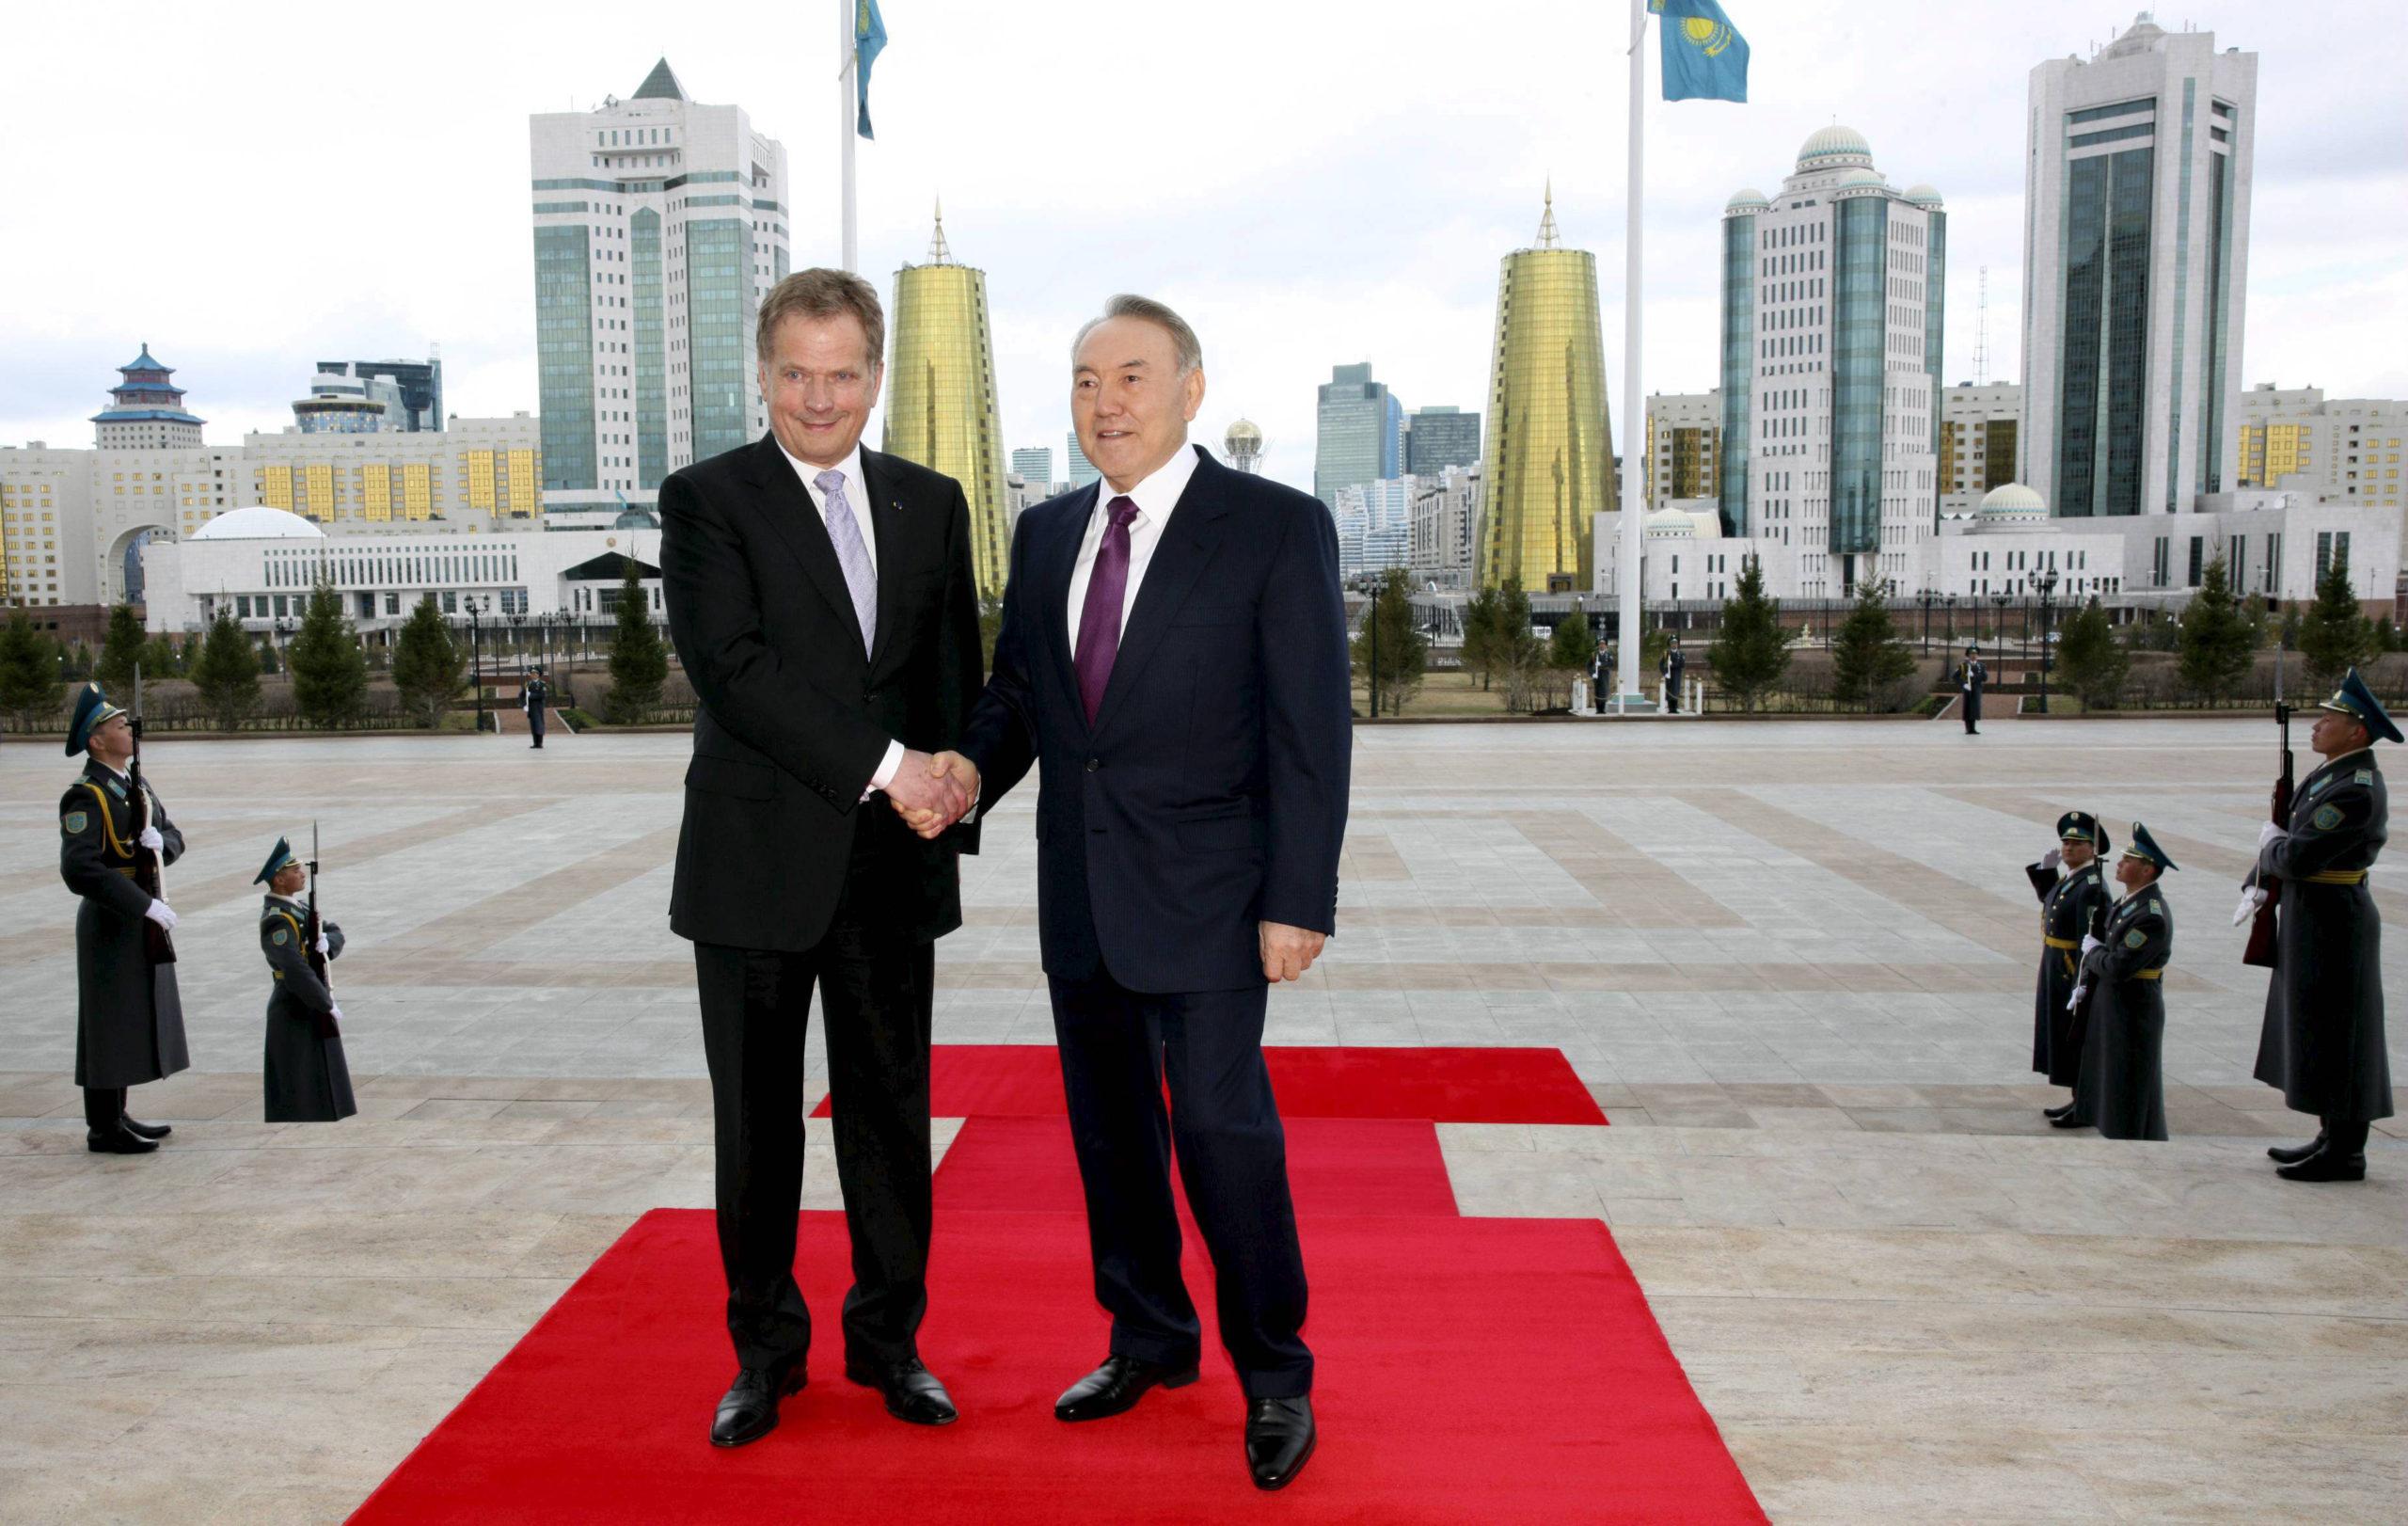 Tasavallan presidentti Sauli Niinistö tapasi Kazakstanin presidentti Nursultan Nazarbajevin huhtikuisella Astanan-vierailullaan.